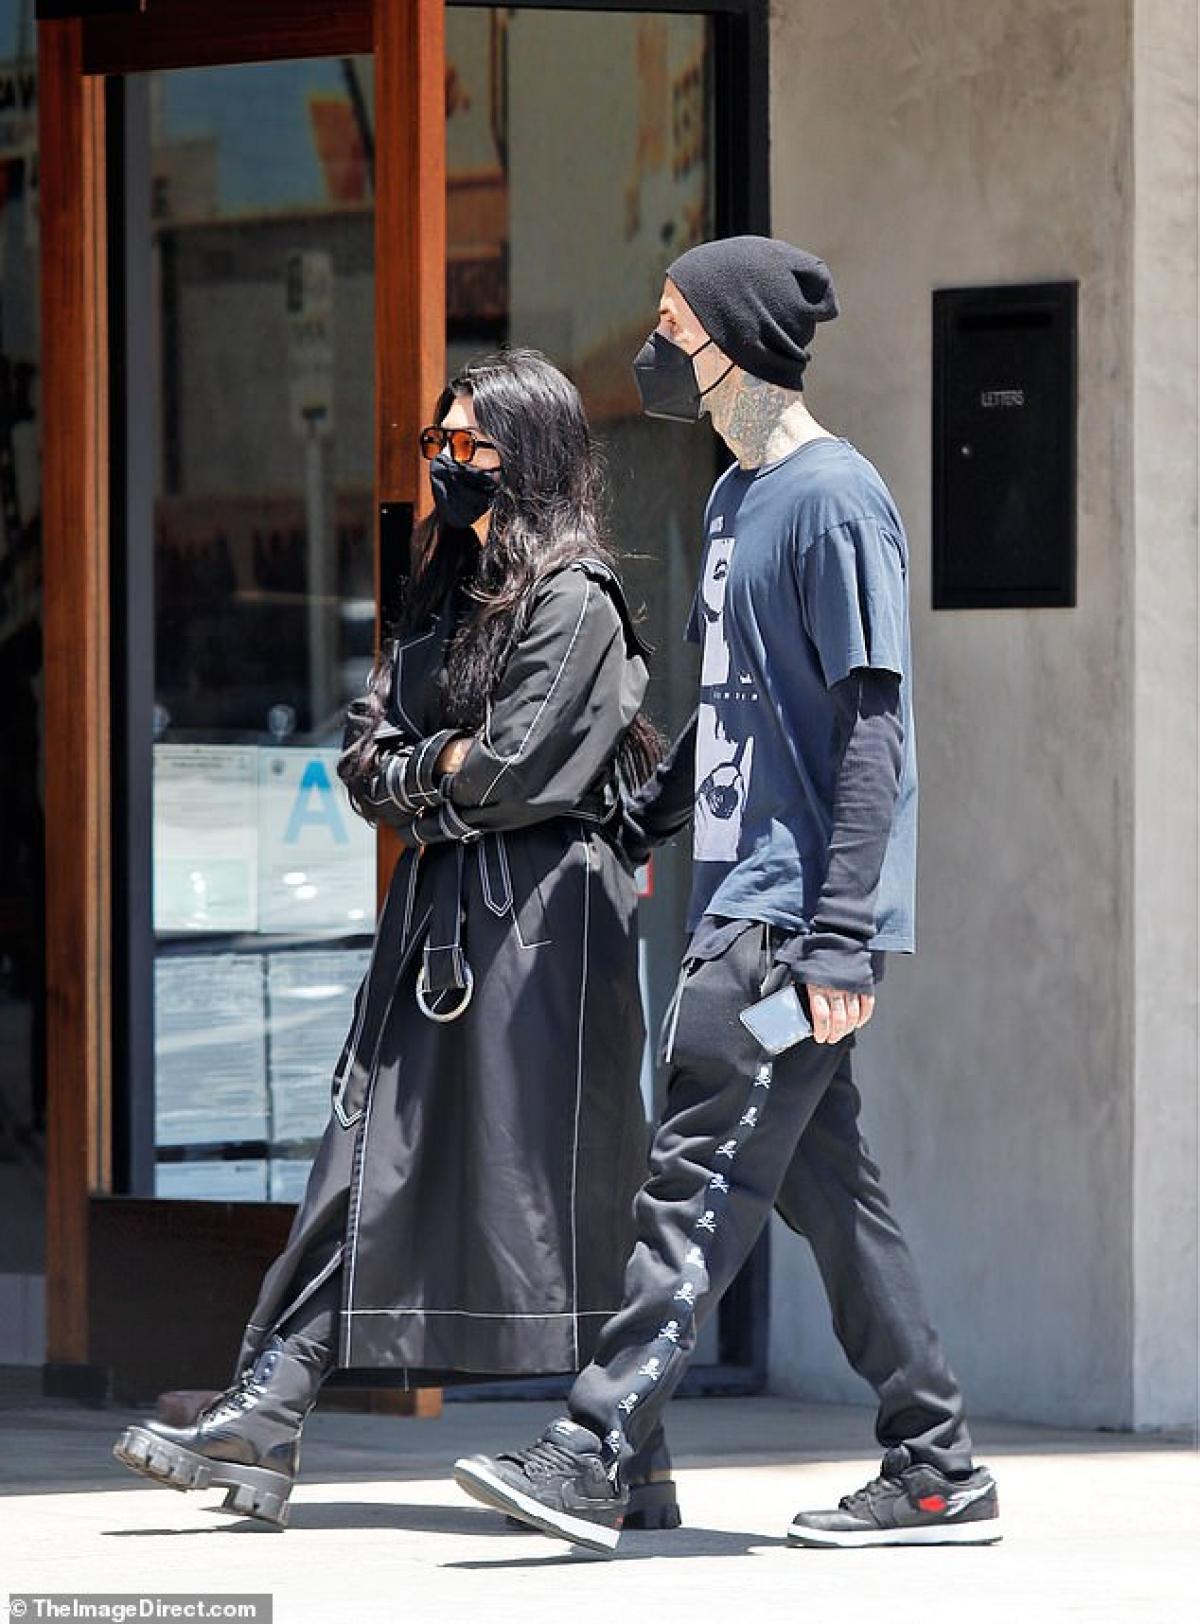 Ngày 13/5, Kourtney Kardashian gây chú ý với gu thời trang đẳng cấp khi ra phố đi dạo cùng bạn trai Travis Barker ở Los Angeles.